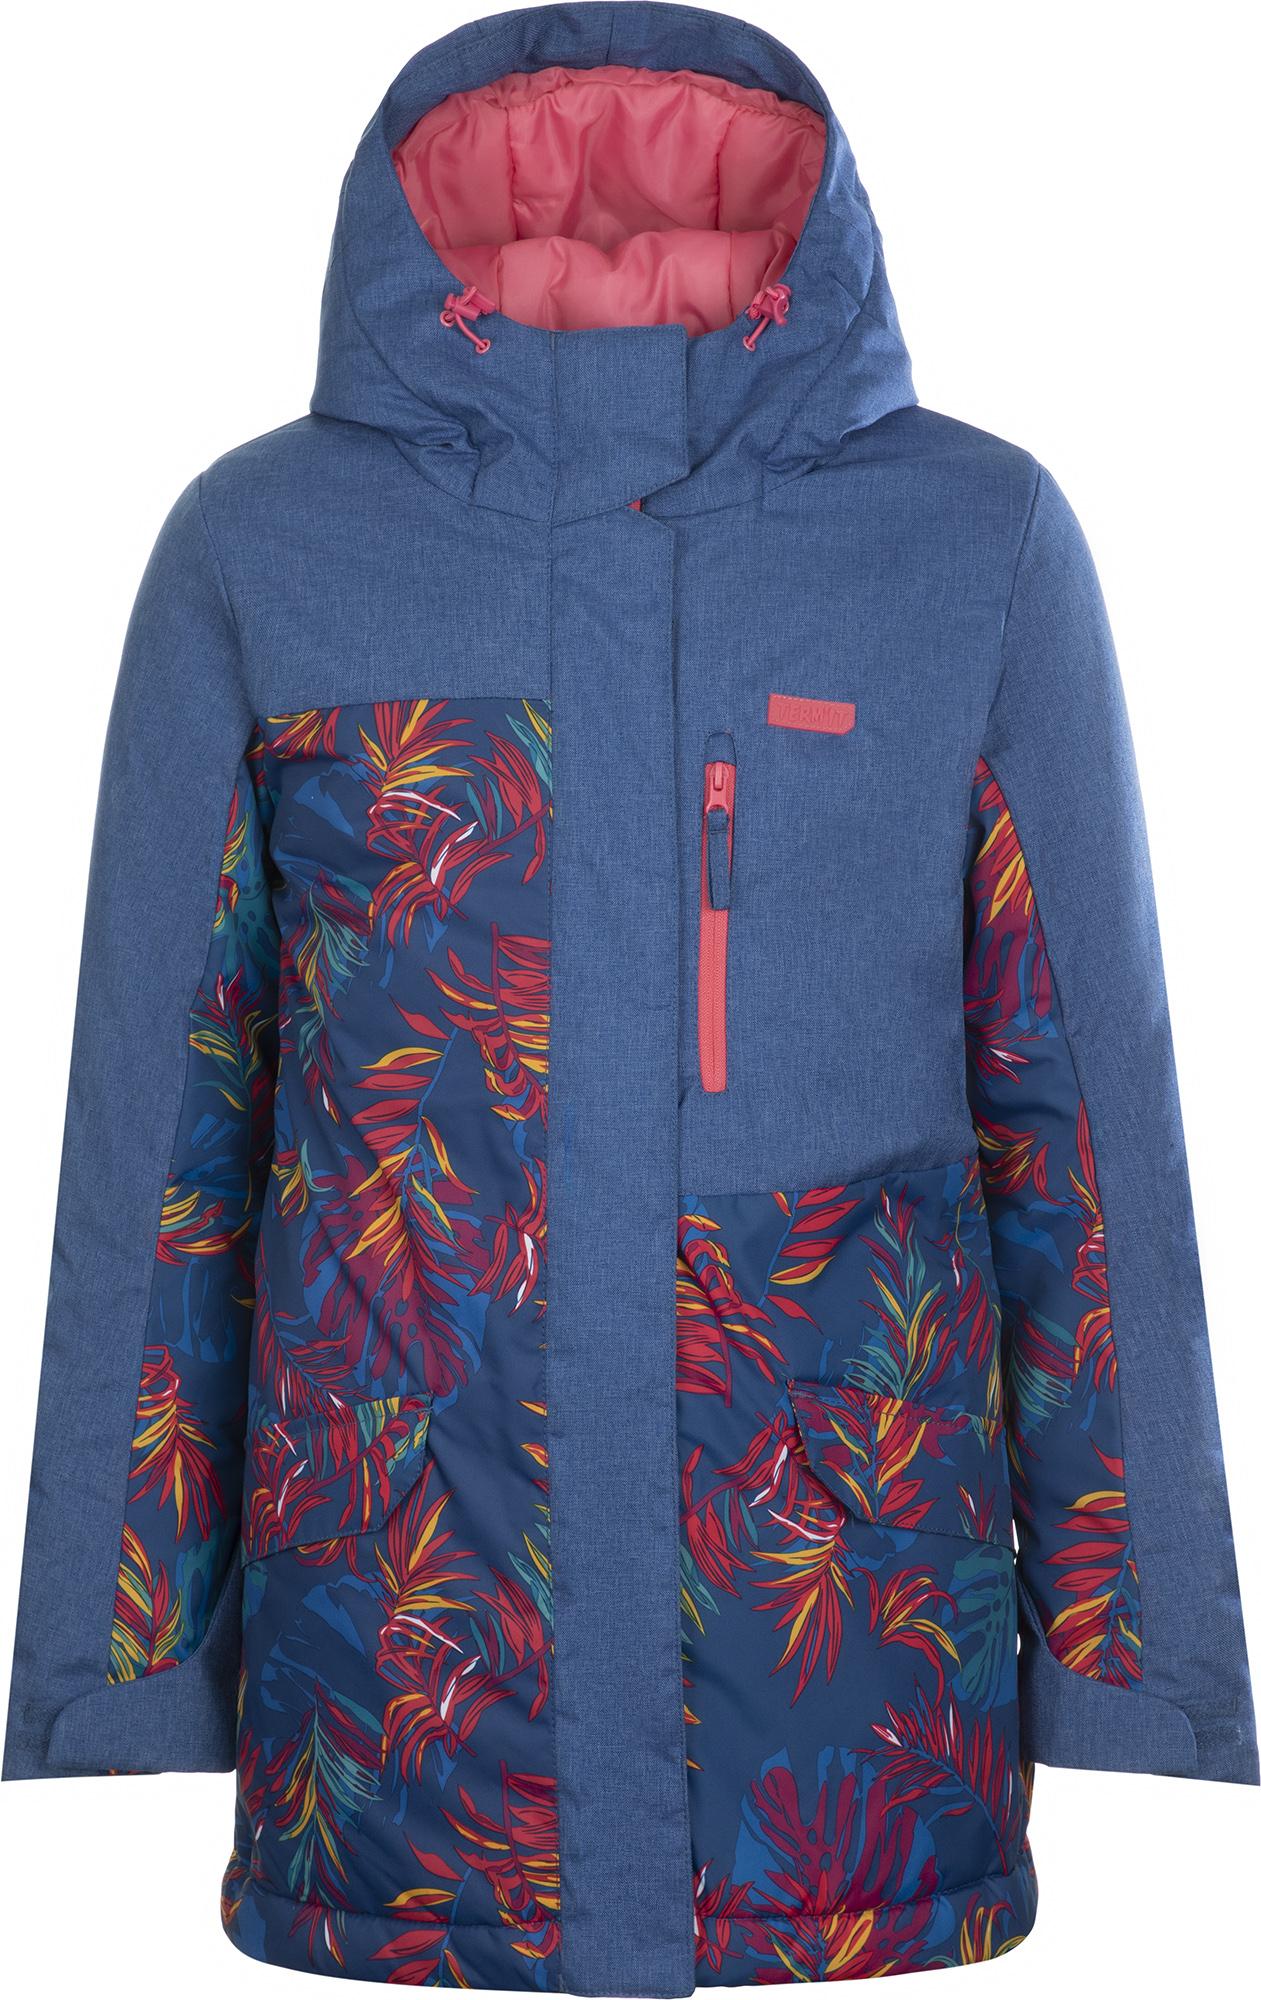 Termit Куртка утепленная для девочек Termit, размер 134